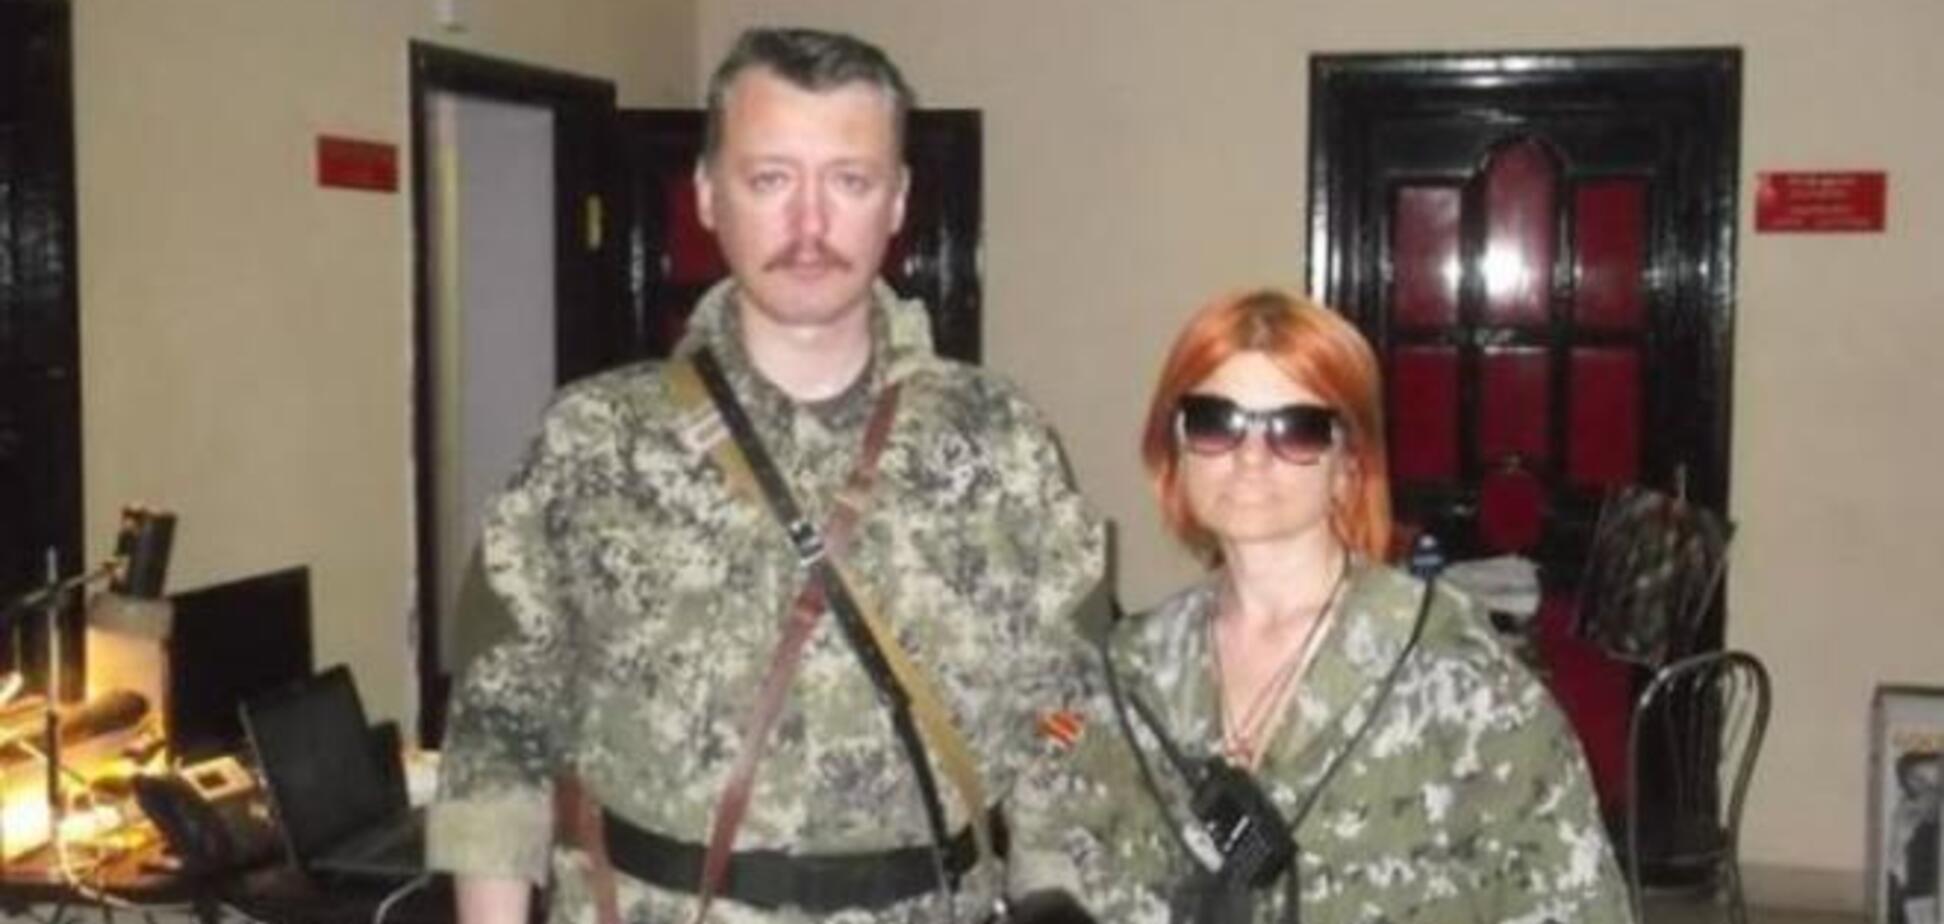 Скандальная украинская журналистка засветилась на фотографии с террористом Гиркиным